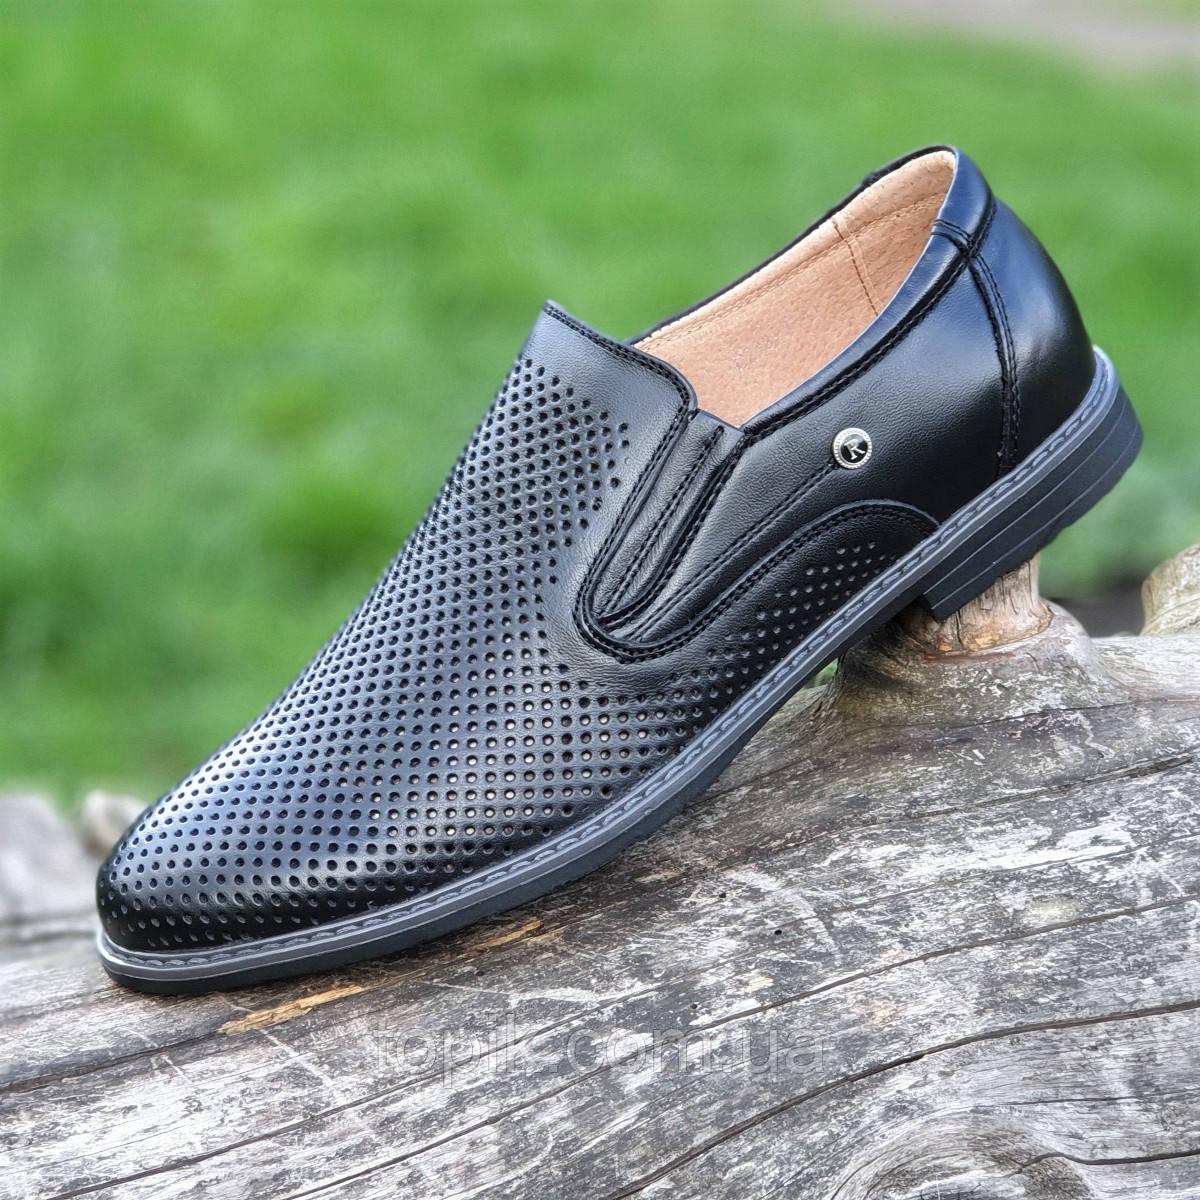 Мужские летние туфли черные кожаные классические без шнурков в дырочку (Код: 1464)